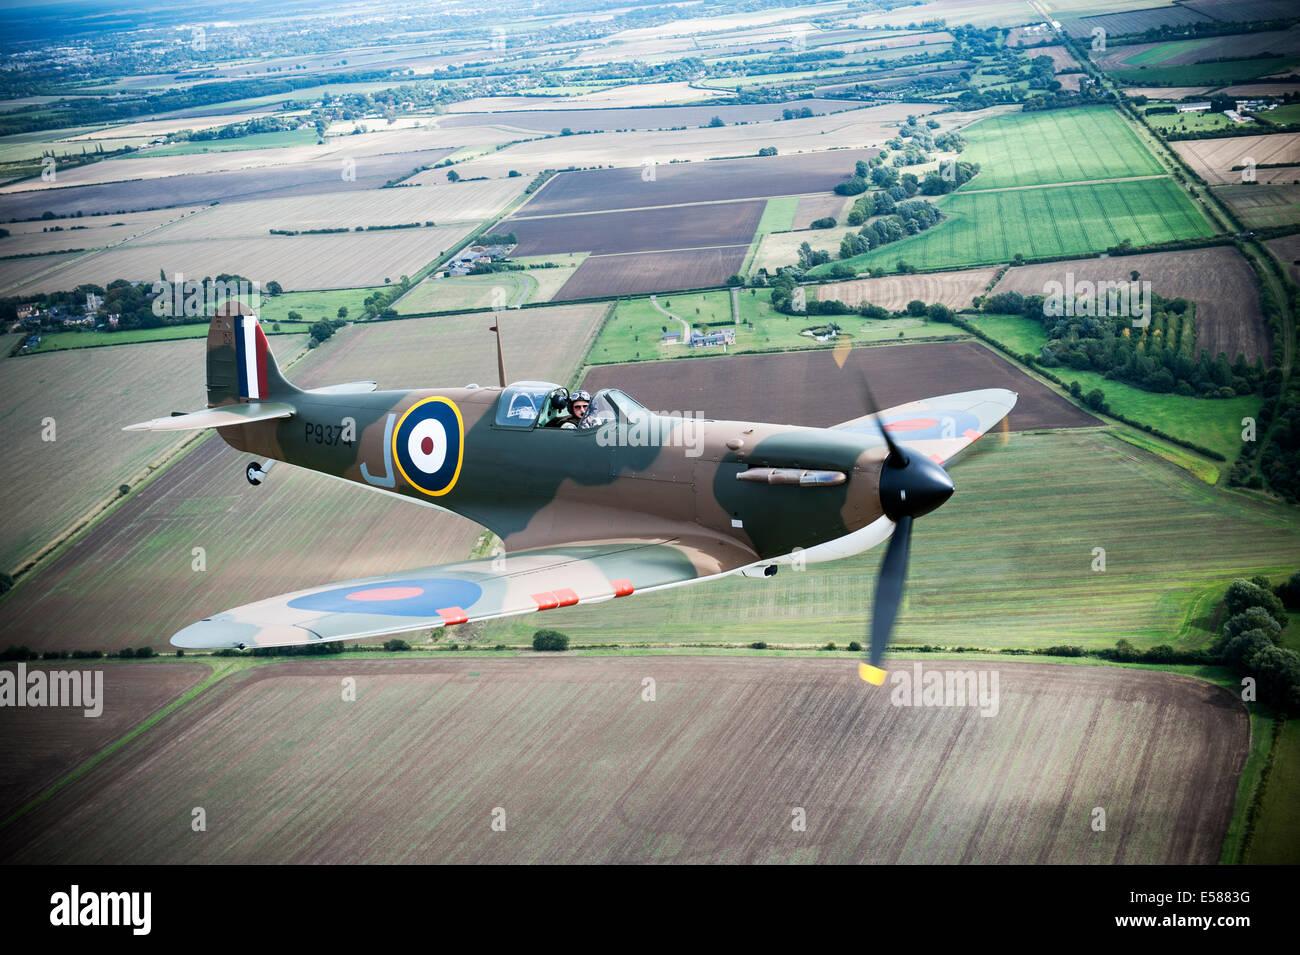 Supermarine Spitfire Mk1 P9374 a volar nuevamente después de ser restaurado.El Spitfire fue derribado en Calais Foto de stock